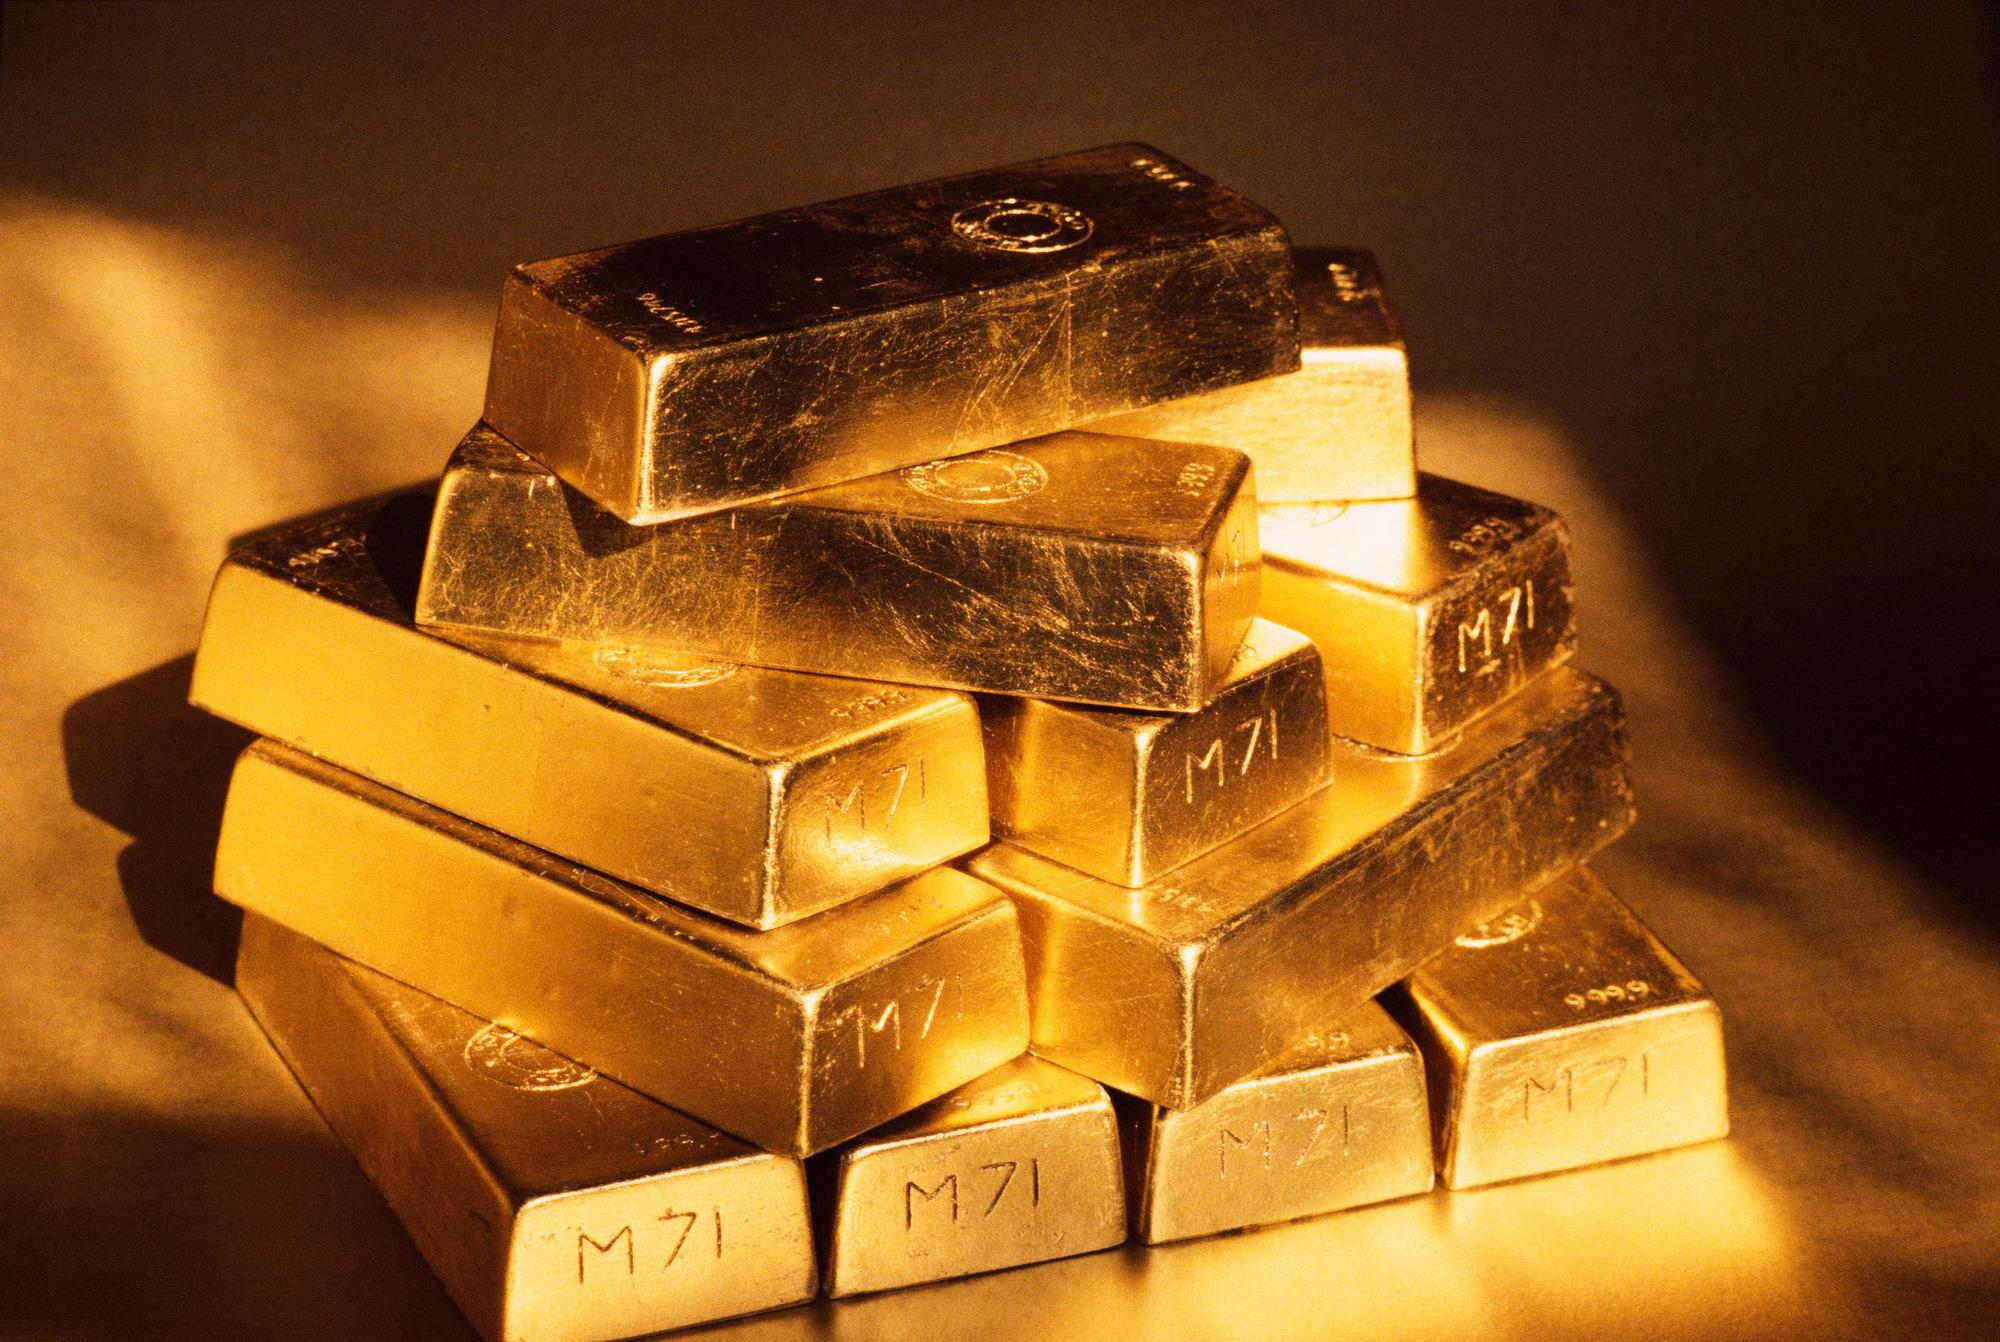 Giá vàng hôm nay 21/6: Giá vàng thế giới tăng giảm trái chiều trong phiên đầu tuần - Ảnh 2.